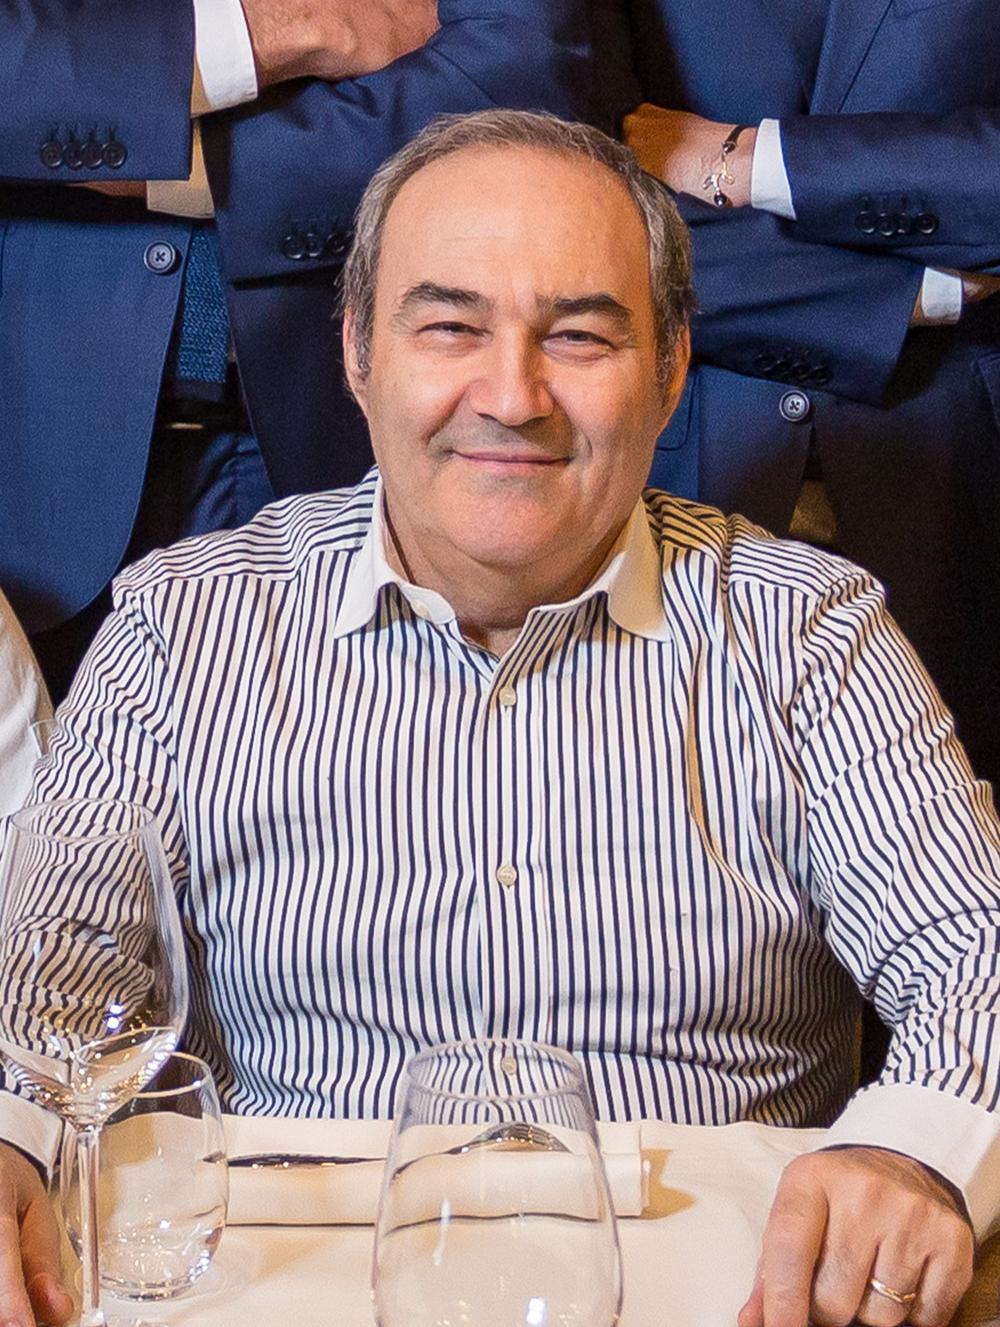 Pietro di Pinto